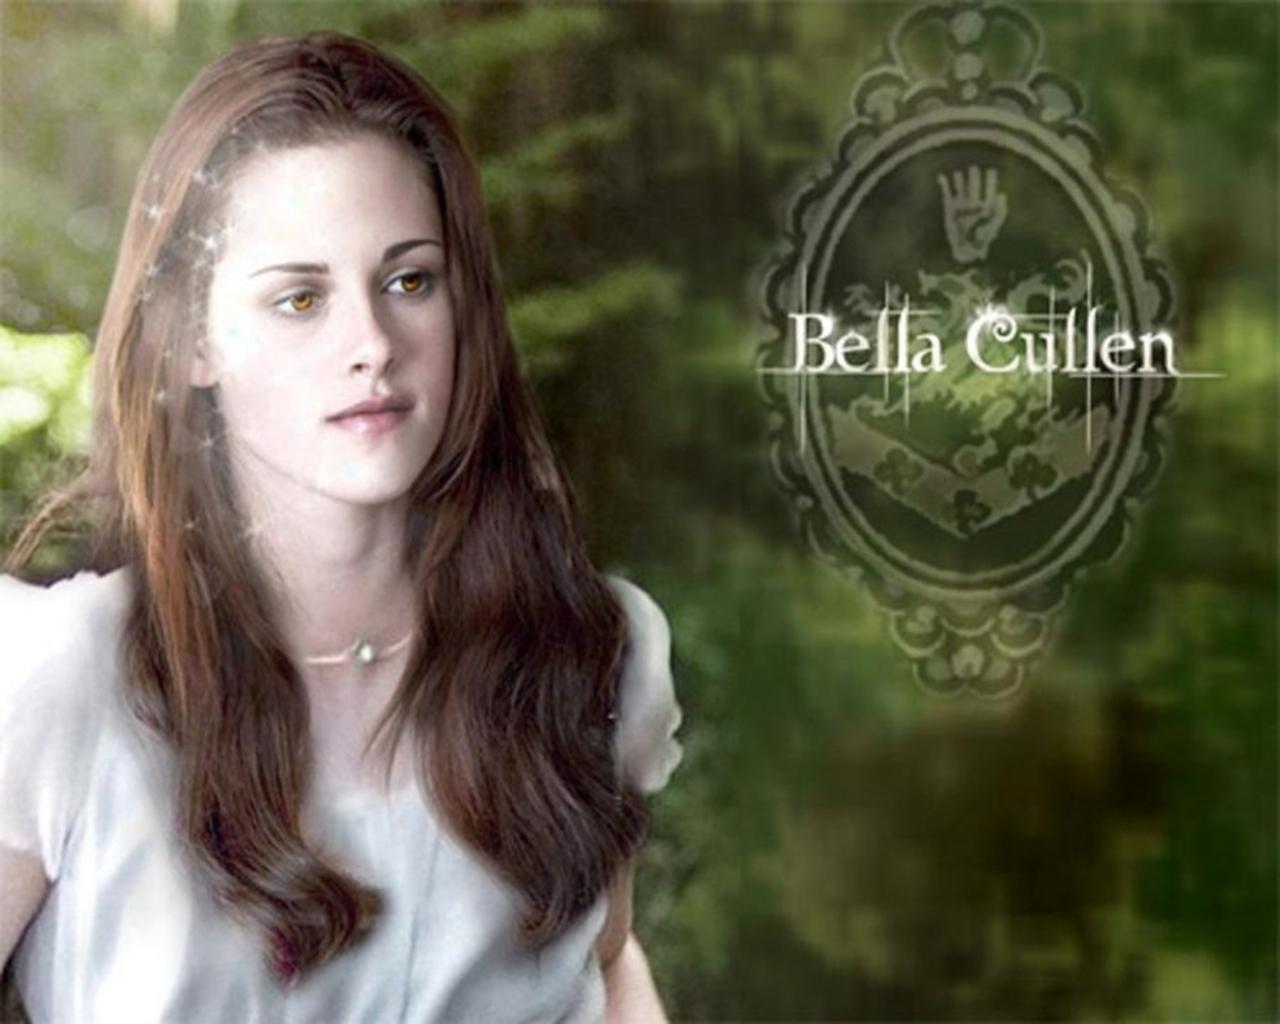 Bella Cullen - Twilighters Wallpaper (15769397) - Fanpop